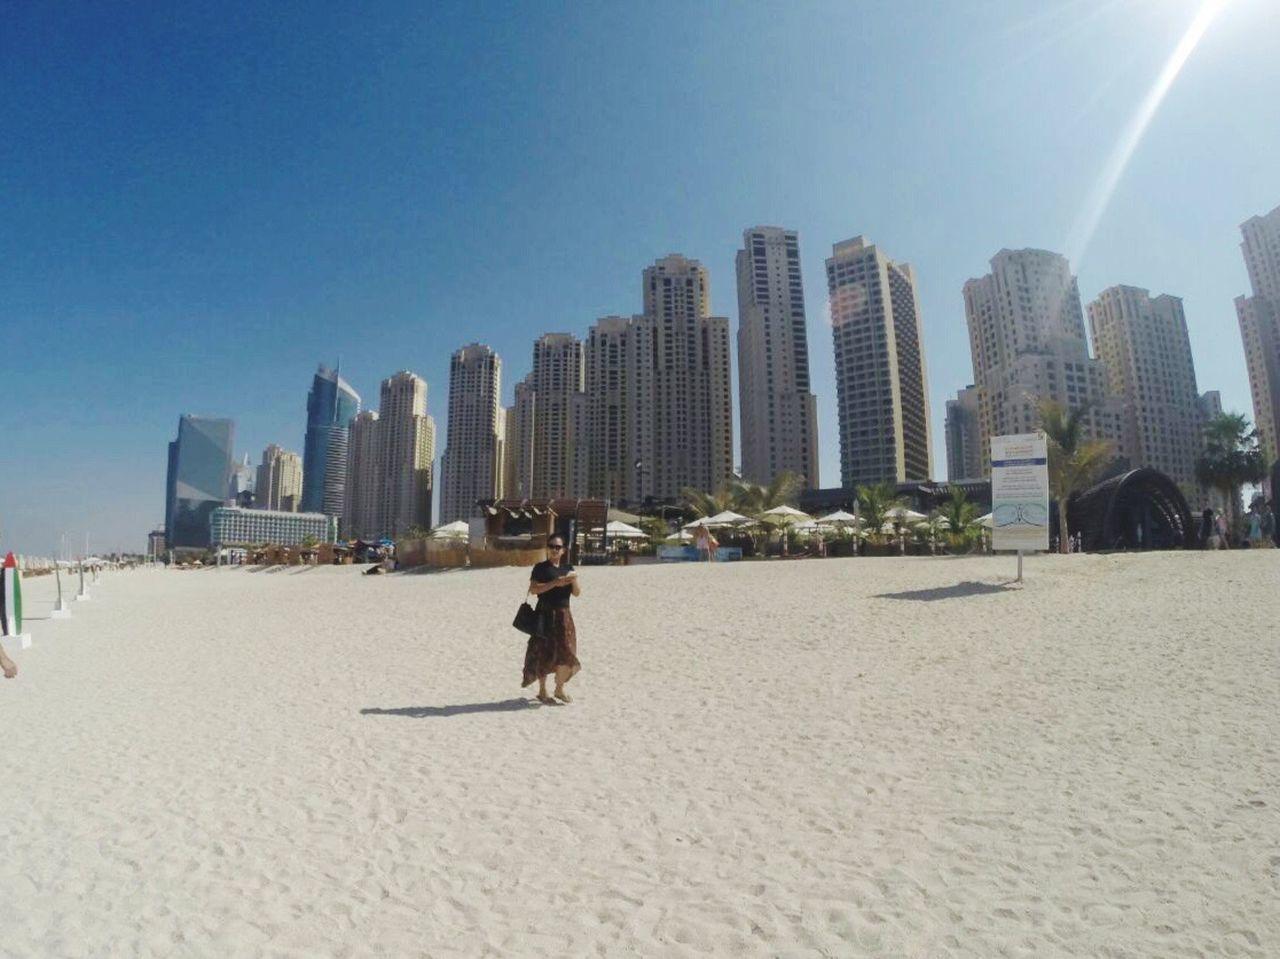 Strolling by the beach. 🏖. Iphoneonly Beachphotography Beachbum Uae #dubai #sharjah #ajman #rak #fujairah #alain #abudhabi #ummalquwain #instagood #instamood #instalike #mydubai #myuae #dubaigems #emirates #dxb #myabudhabi #shj #insharjah #qatar Oman Bahrain Kuwait Ksa [ Summer